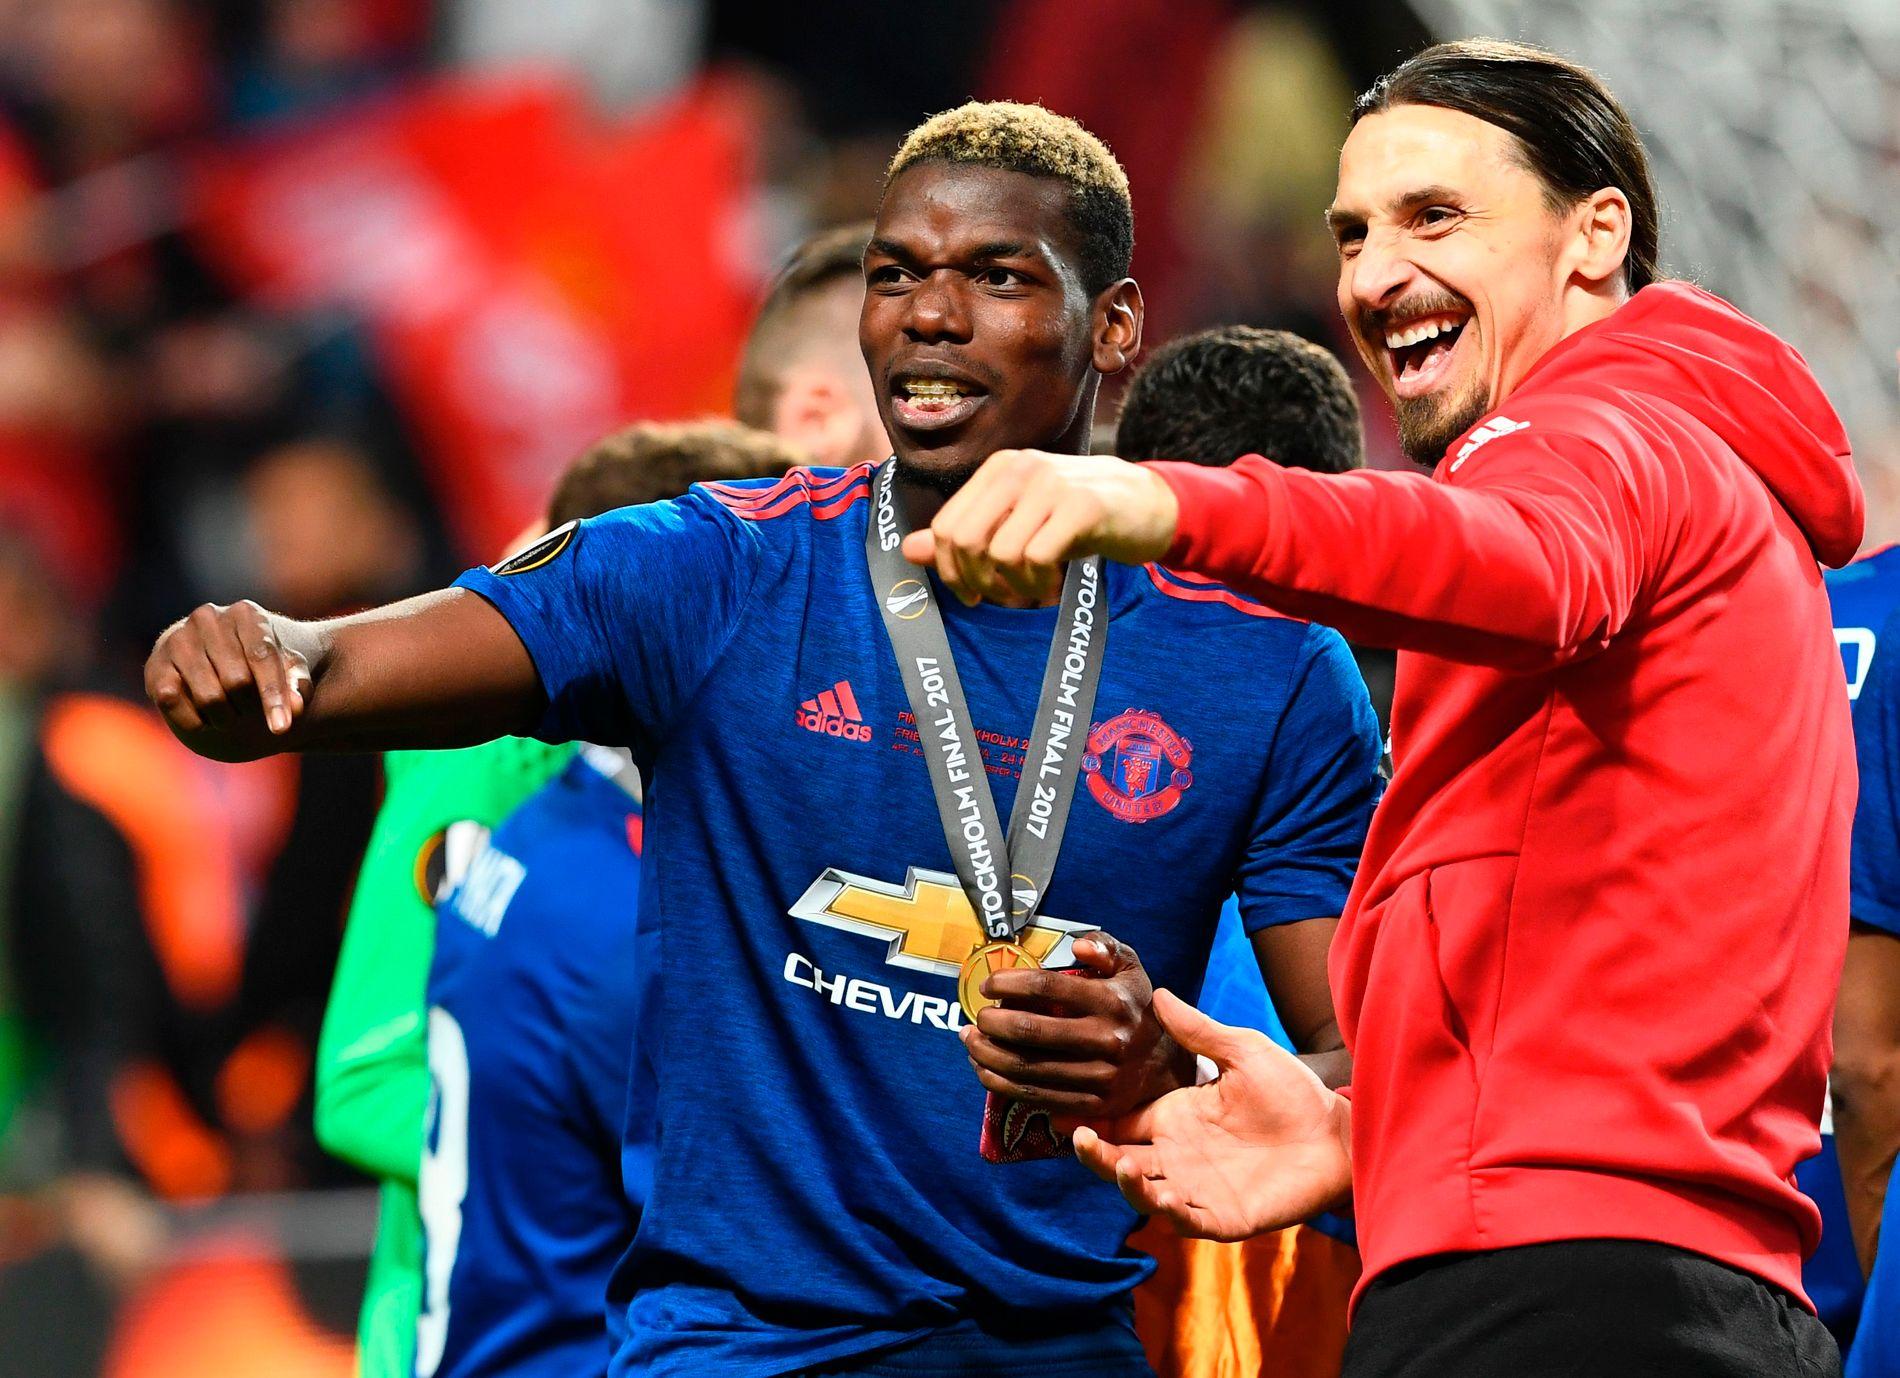 GAMLE LAGKAMERATER: Paul Pogba og Zlatan Ibrahimovic spilte sammen i Manchester United under José Mourinho. Her jubler de etter at Europa League ble vunnet våren 2017.